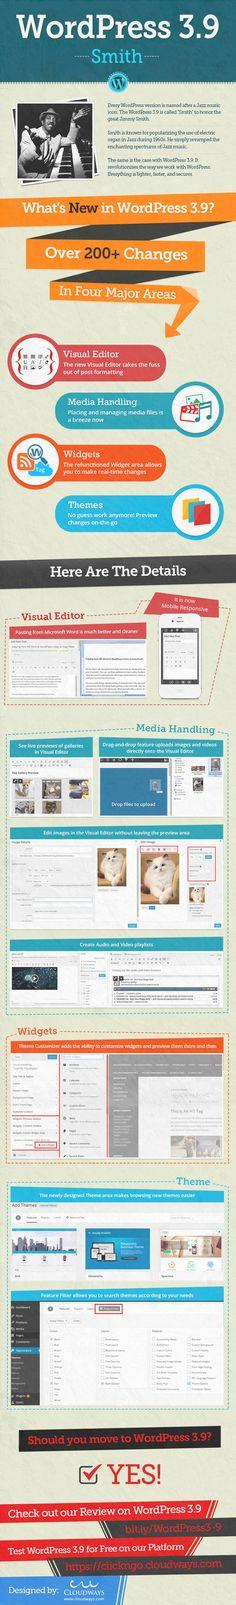 WordPress3-9_infographic.jpg (800×5441)